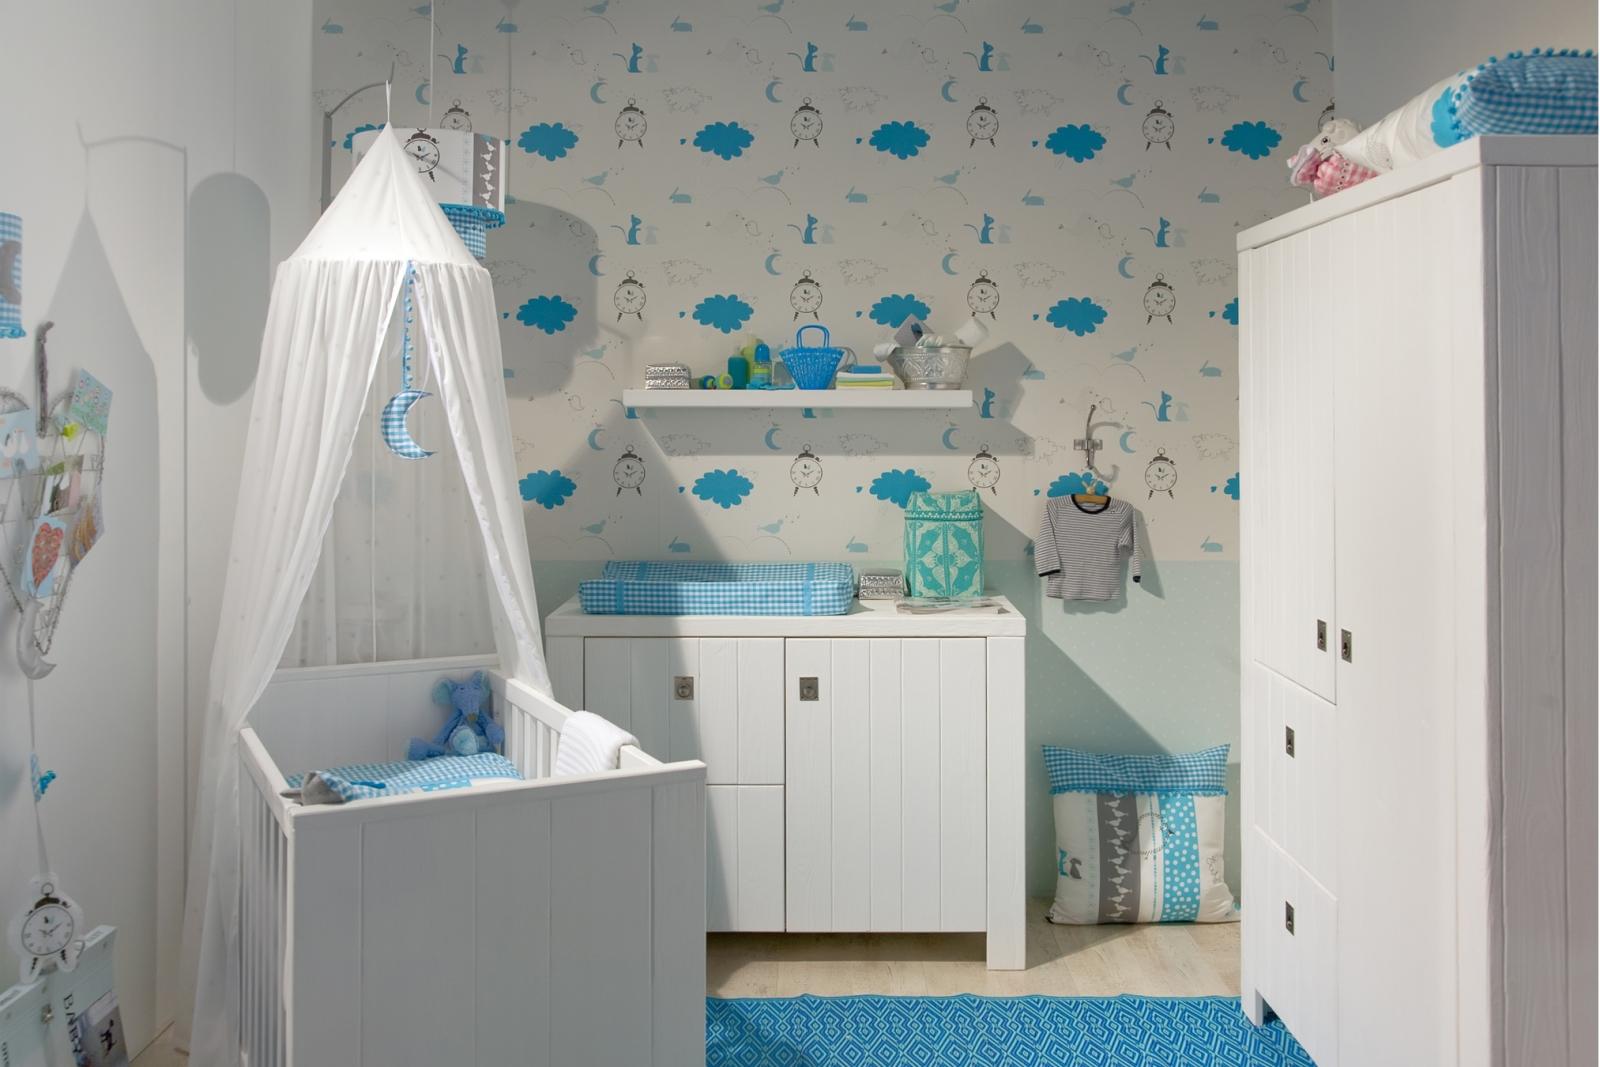 Schilderijen Kinderkamer Voorbeelden : De kinderkamer verven tips en inspiratie